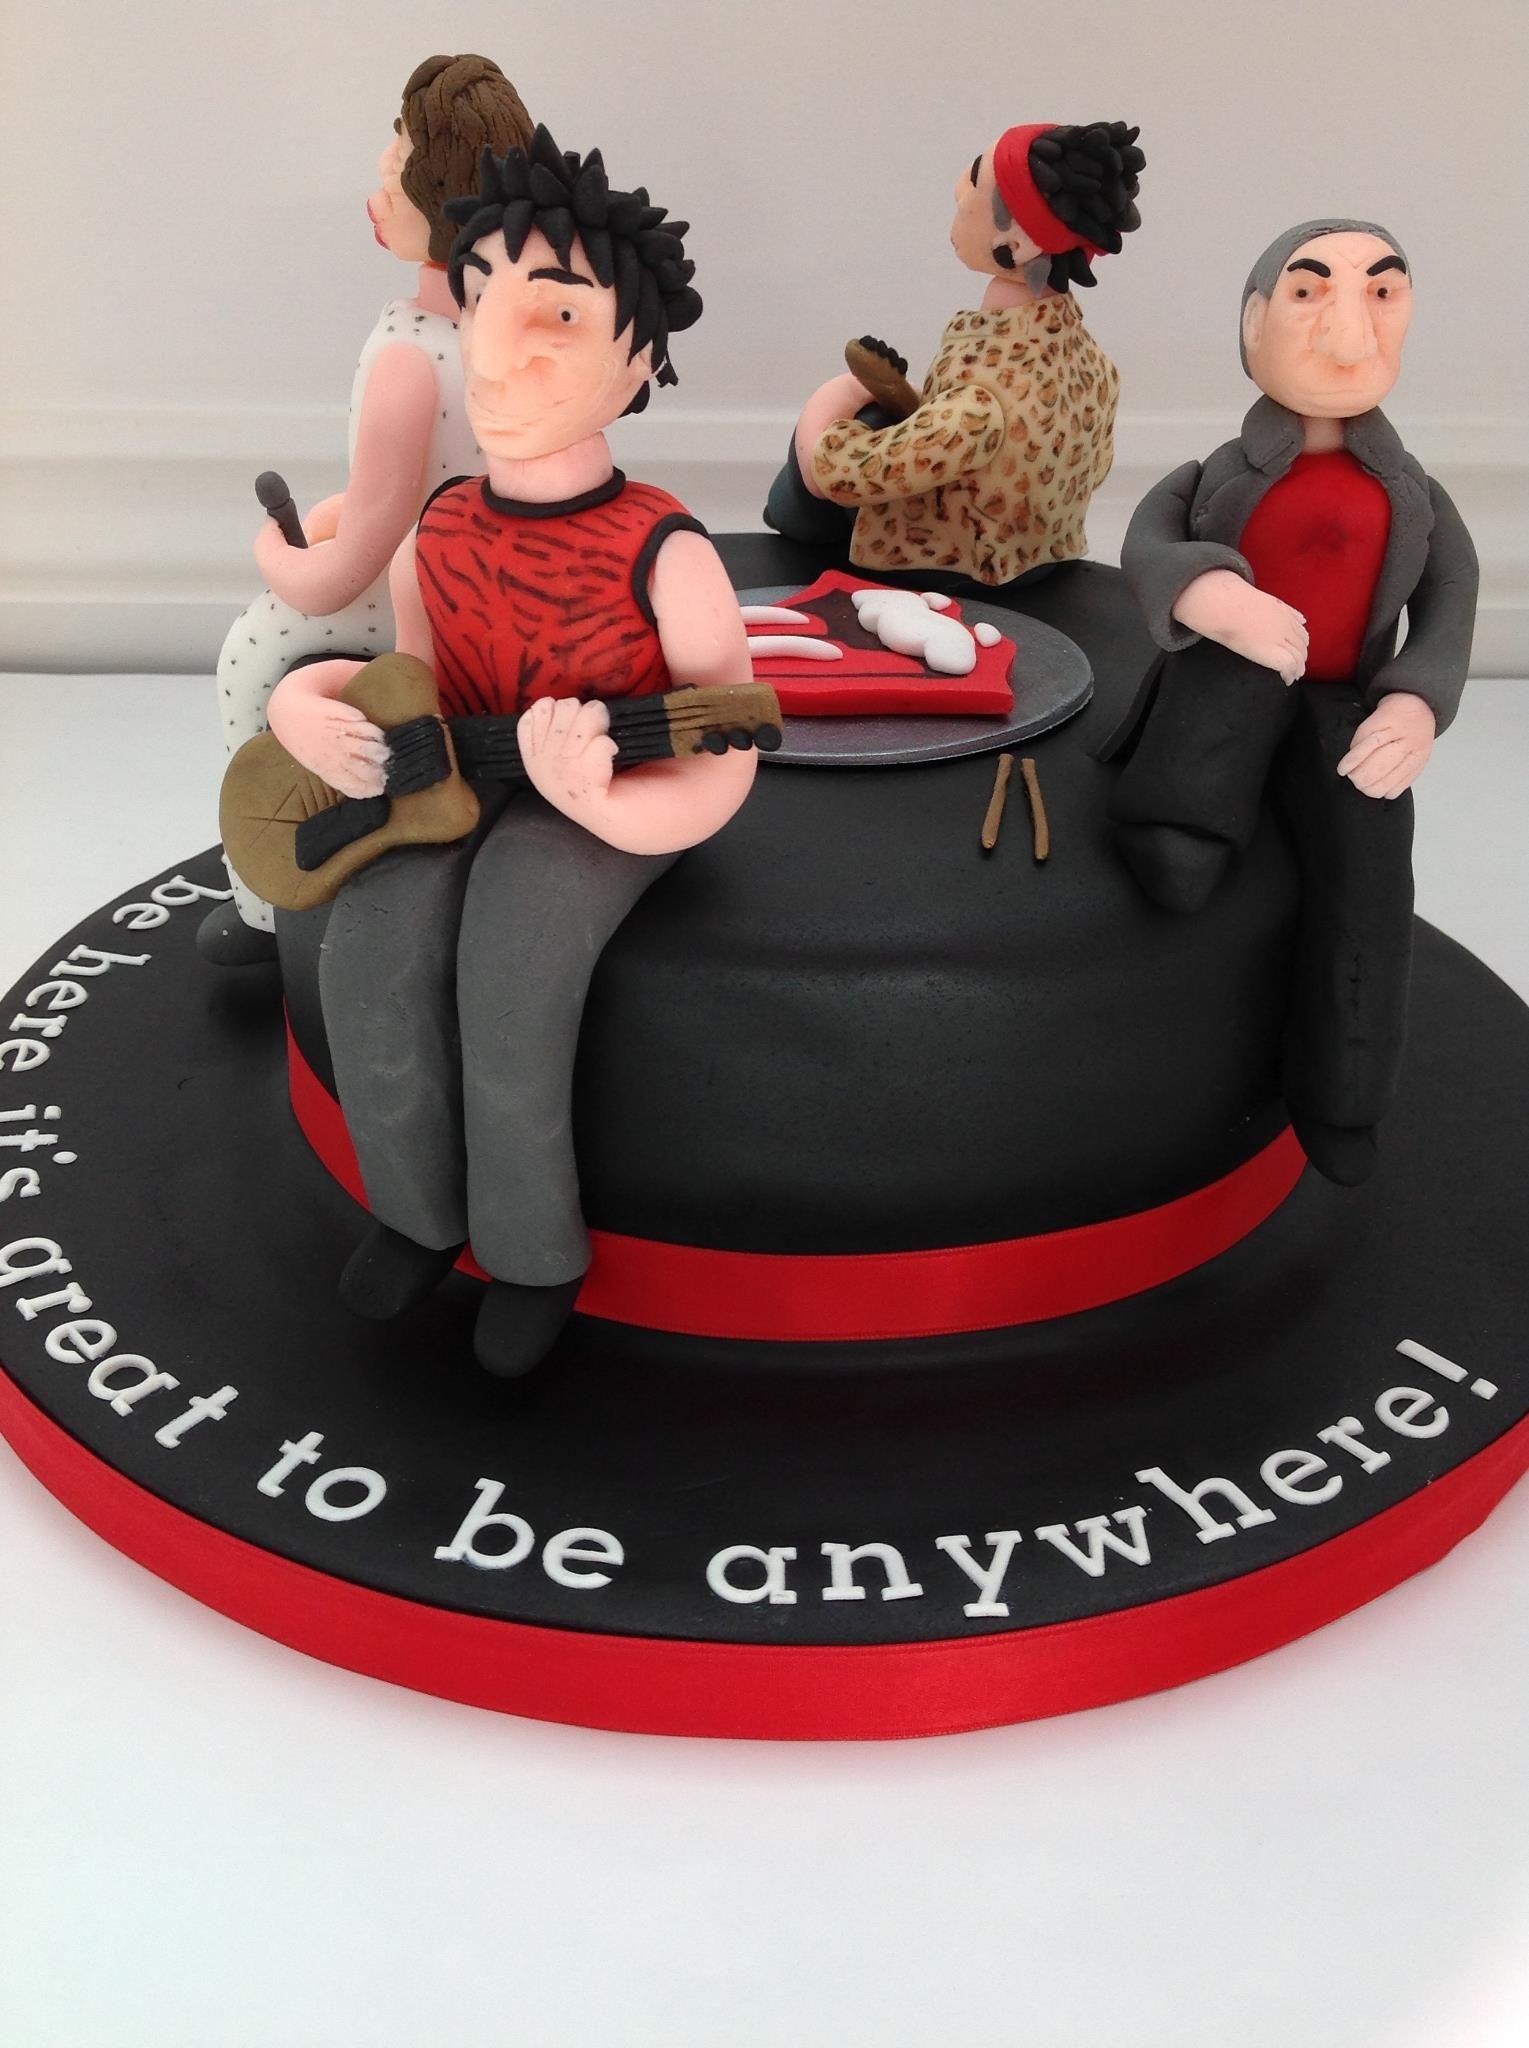 A Rolling Stones cake by Fancy Fondant